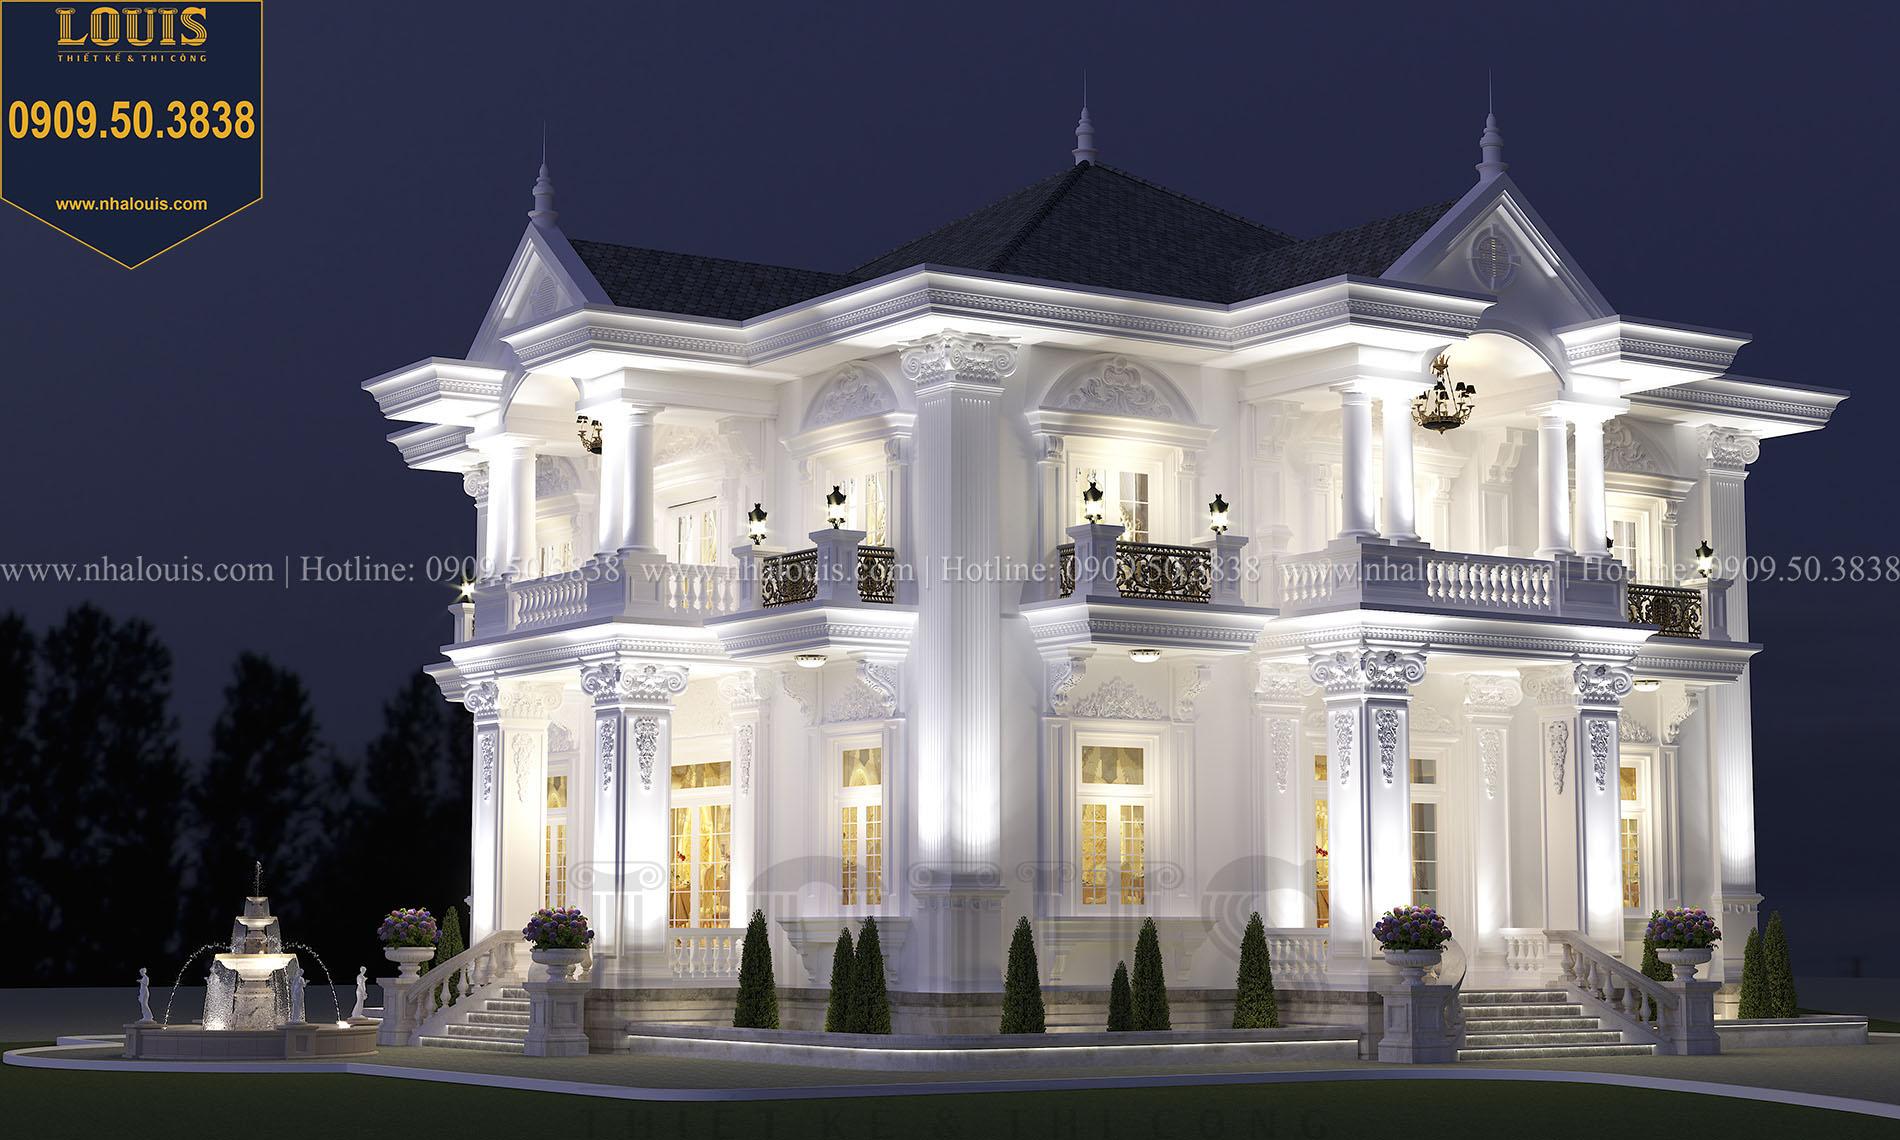 Hé lộ top 46 Mẫu thiết kế biệt thự đẹp và sang trọng